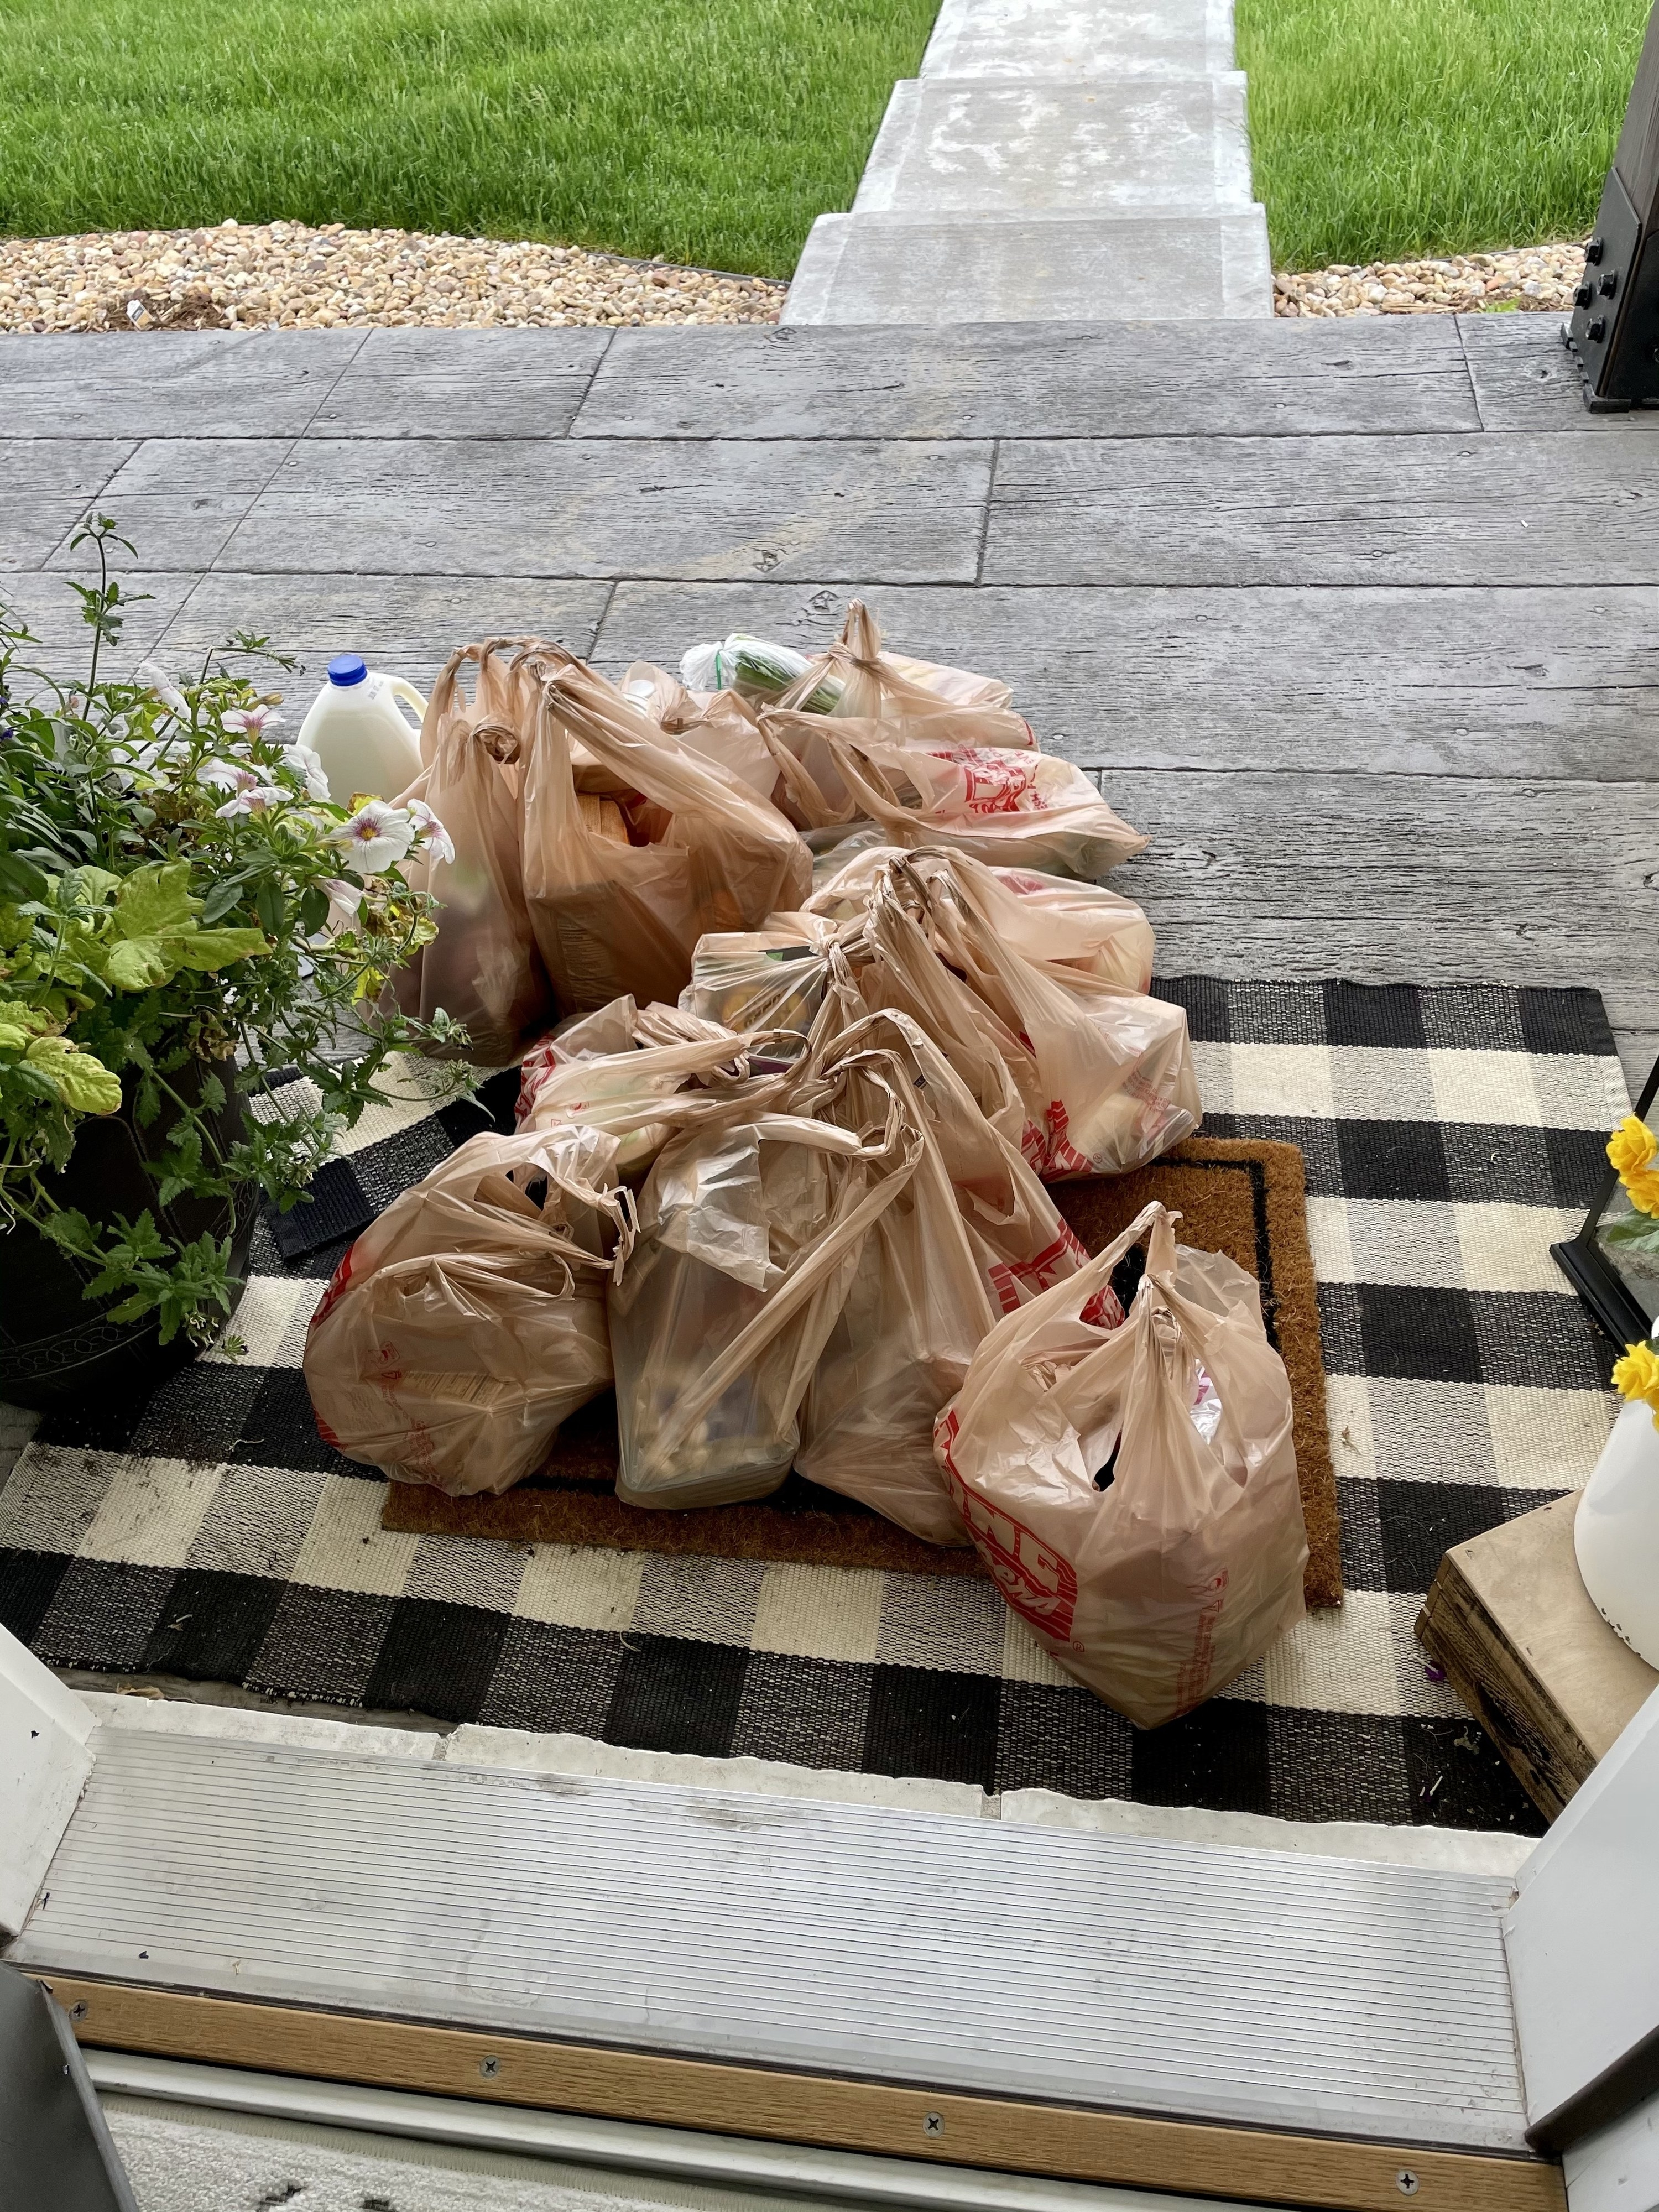 Delivered groceries on a doorstep